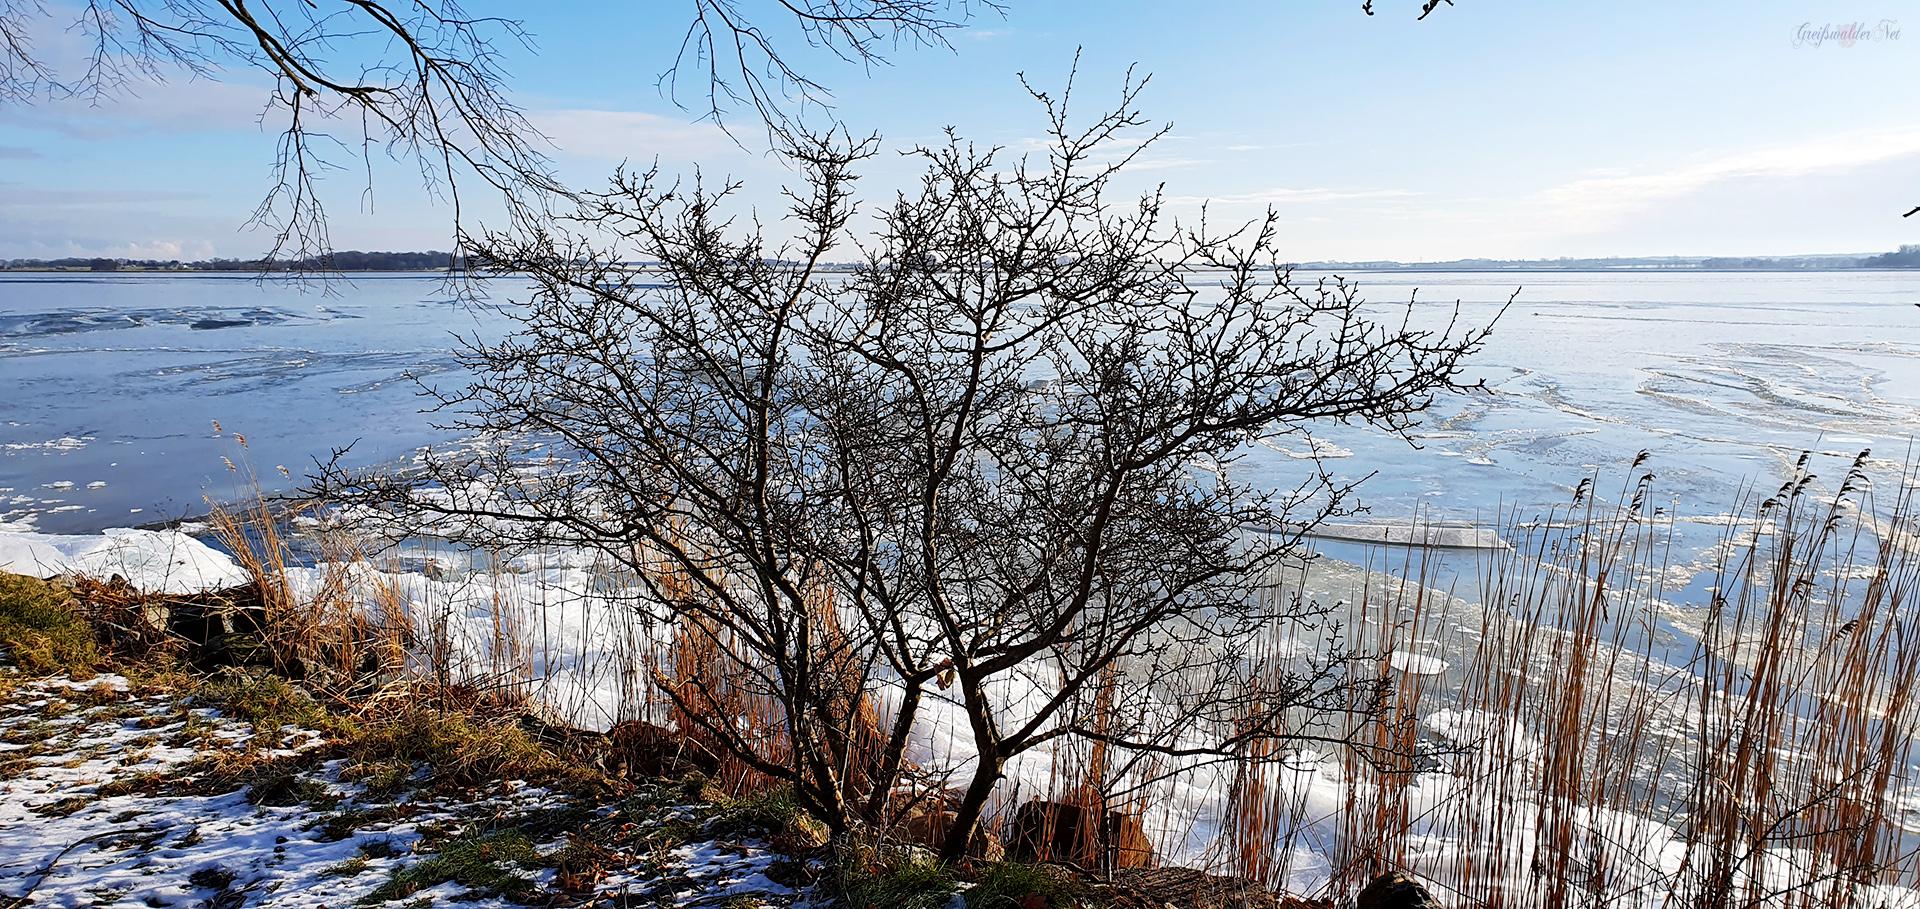 Winterstimmung an der Dänischen Wiek in Greifswald-Wieck